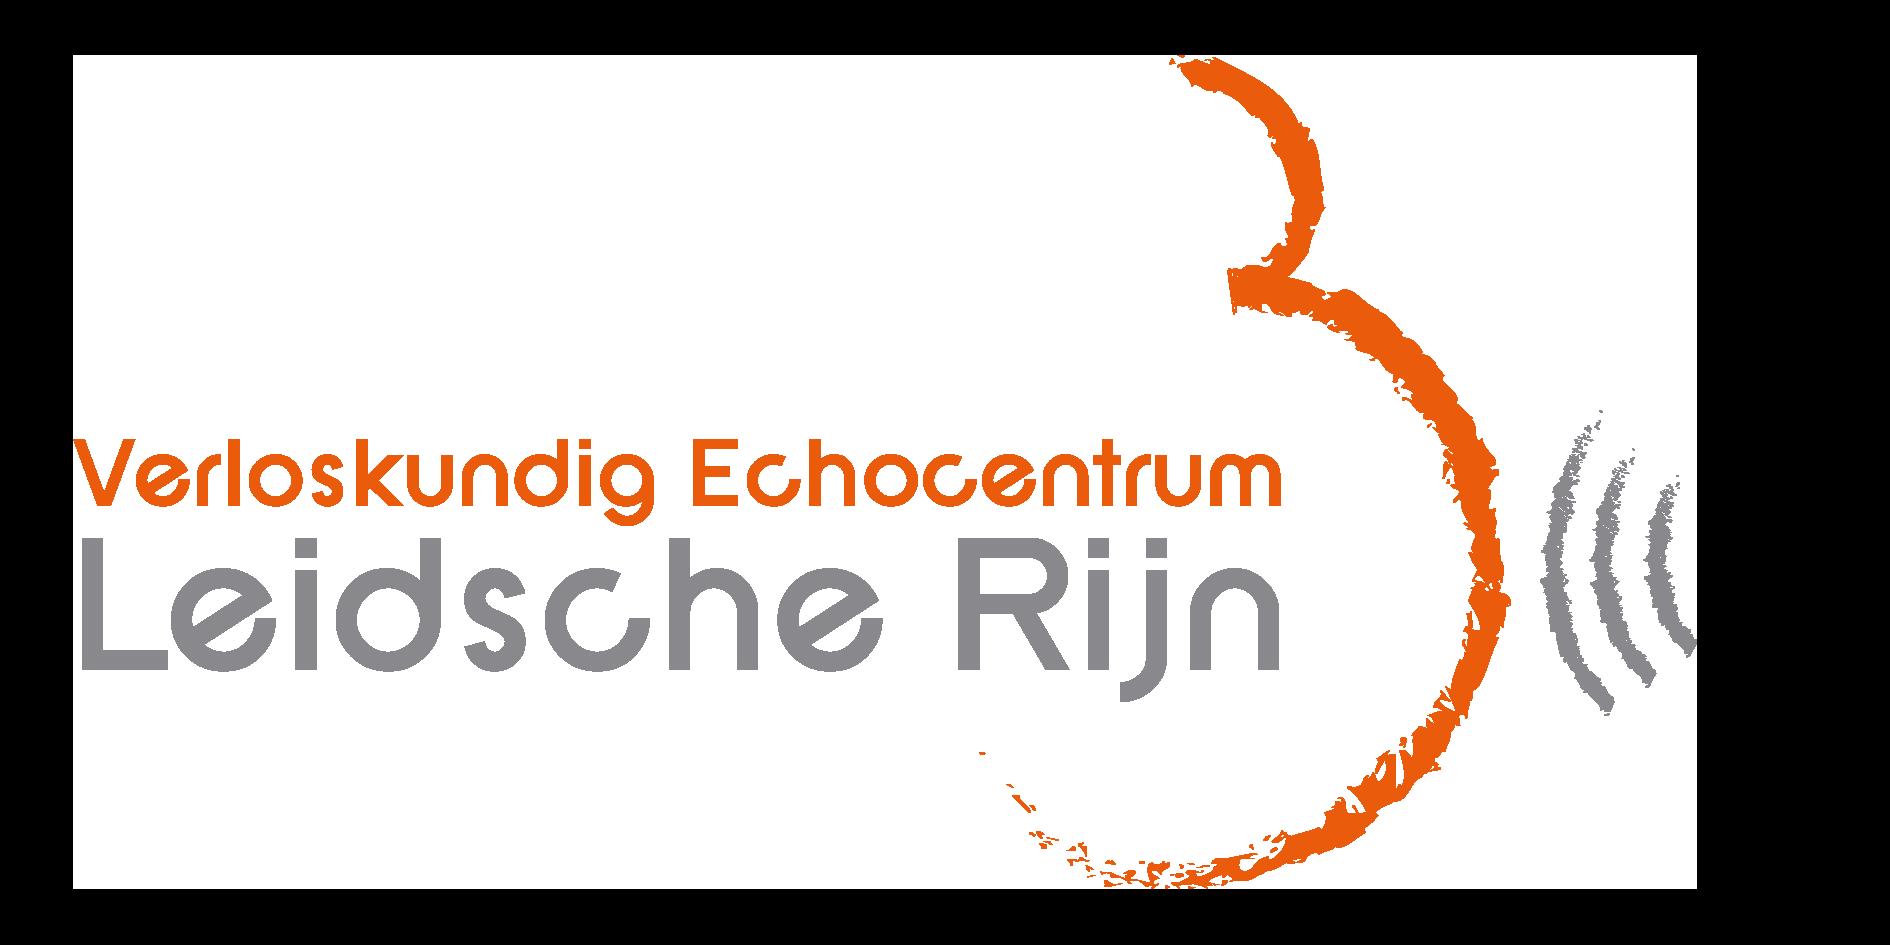 Echocentrum Leidsche Rijn